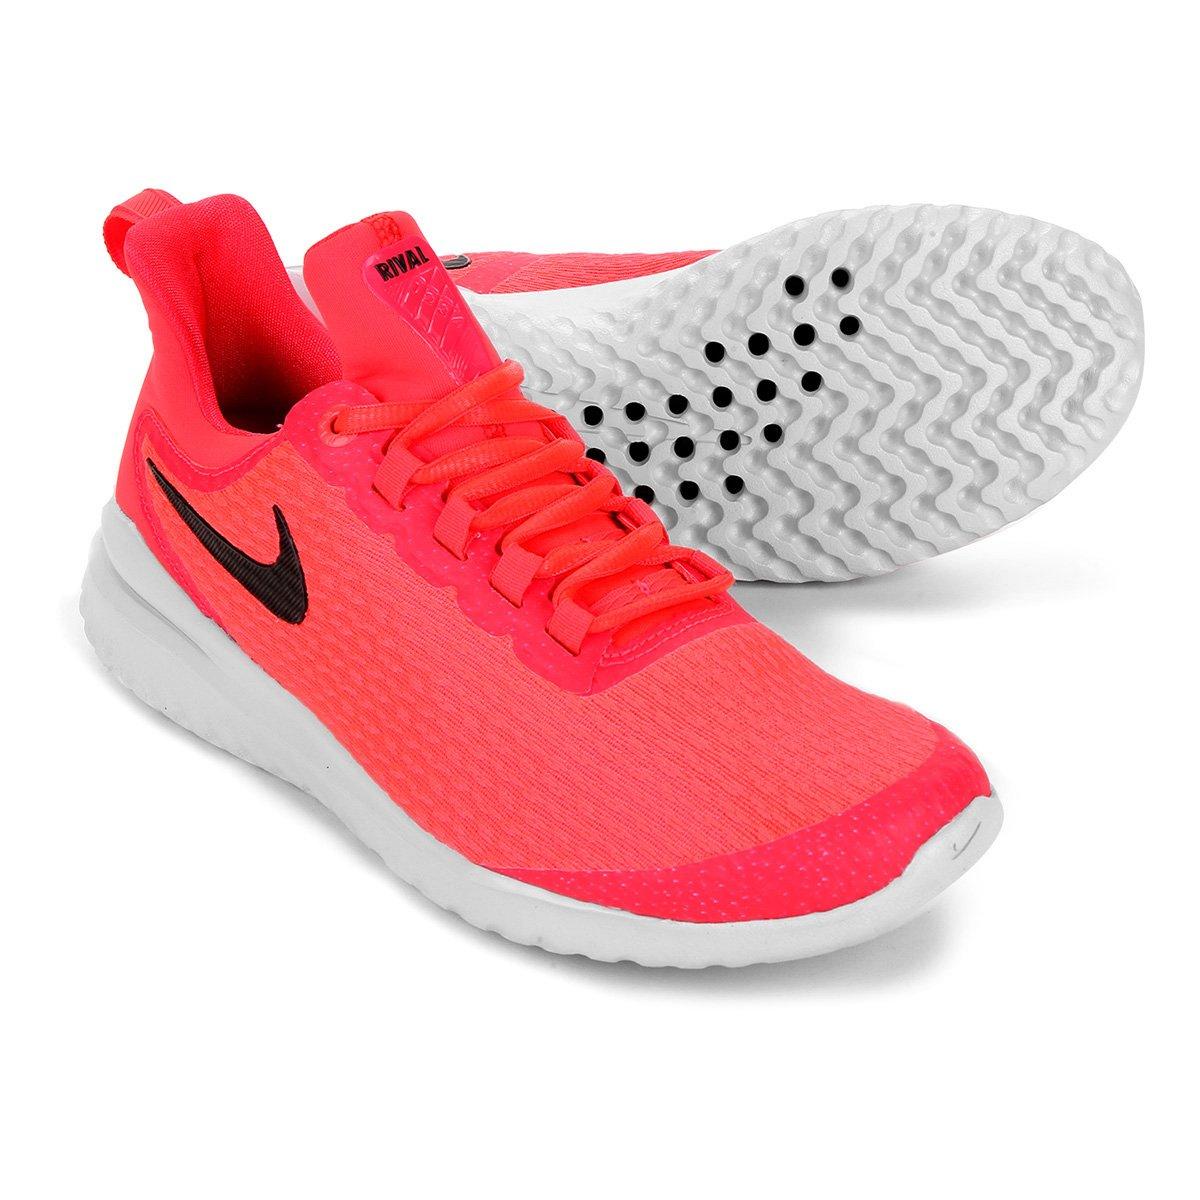 347ea33299 Tênis Nike Renew Rival Feminino - Vermelho e Preto - Compre Agora ...